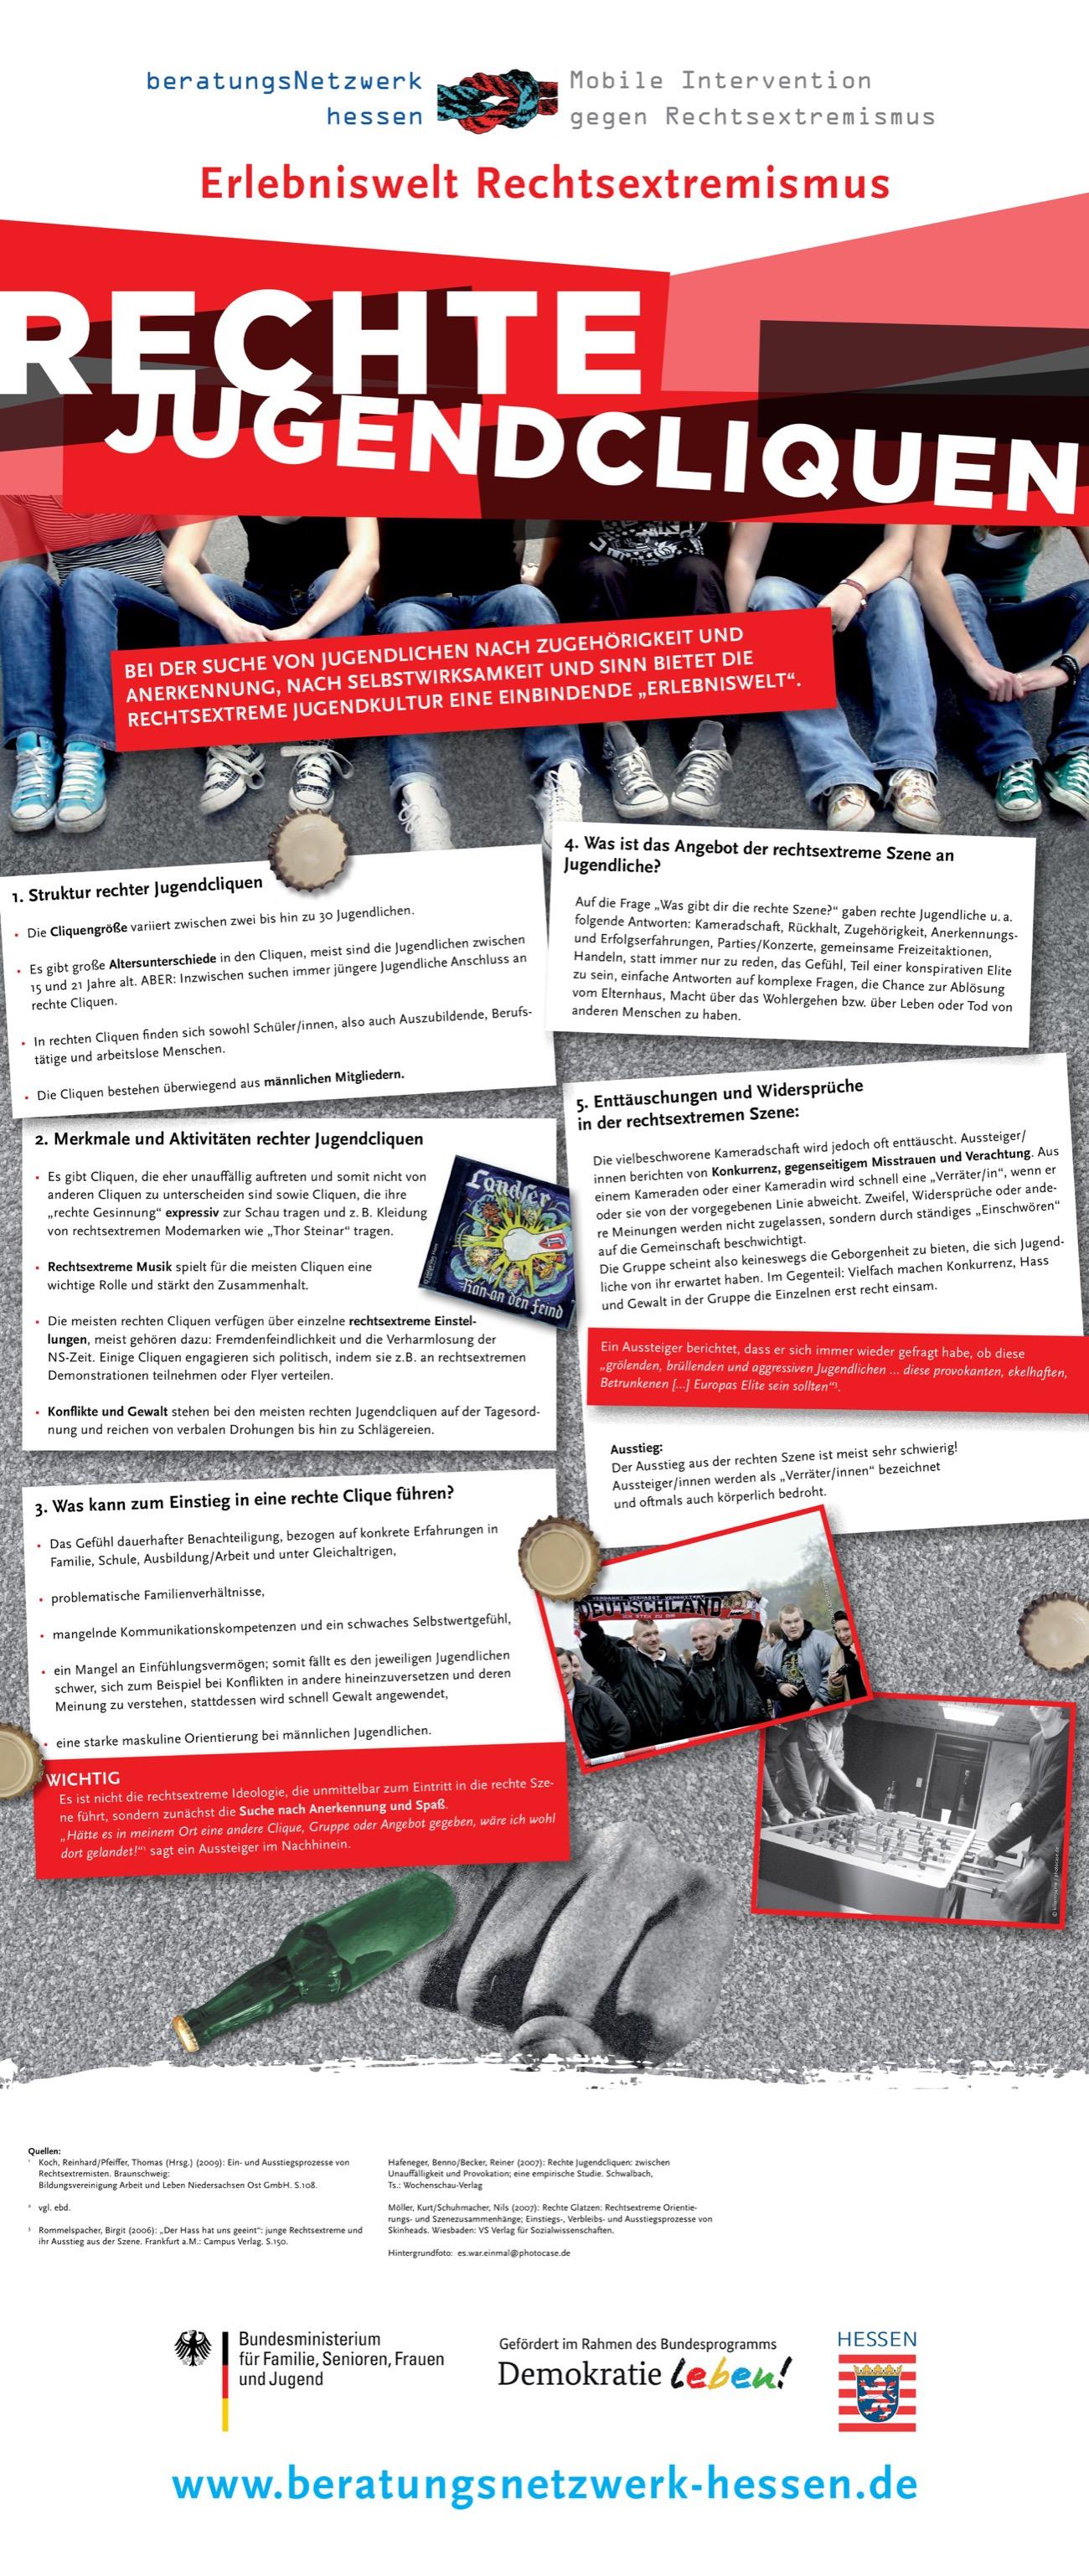 Rechtsaussen Mittendrin Eine Ausstellung Uber Rechtsextremismus Erscheinungsformen Und Handlungsmoglichkeiten Rechte Jugendcliquen